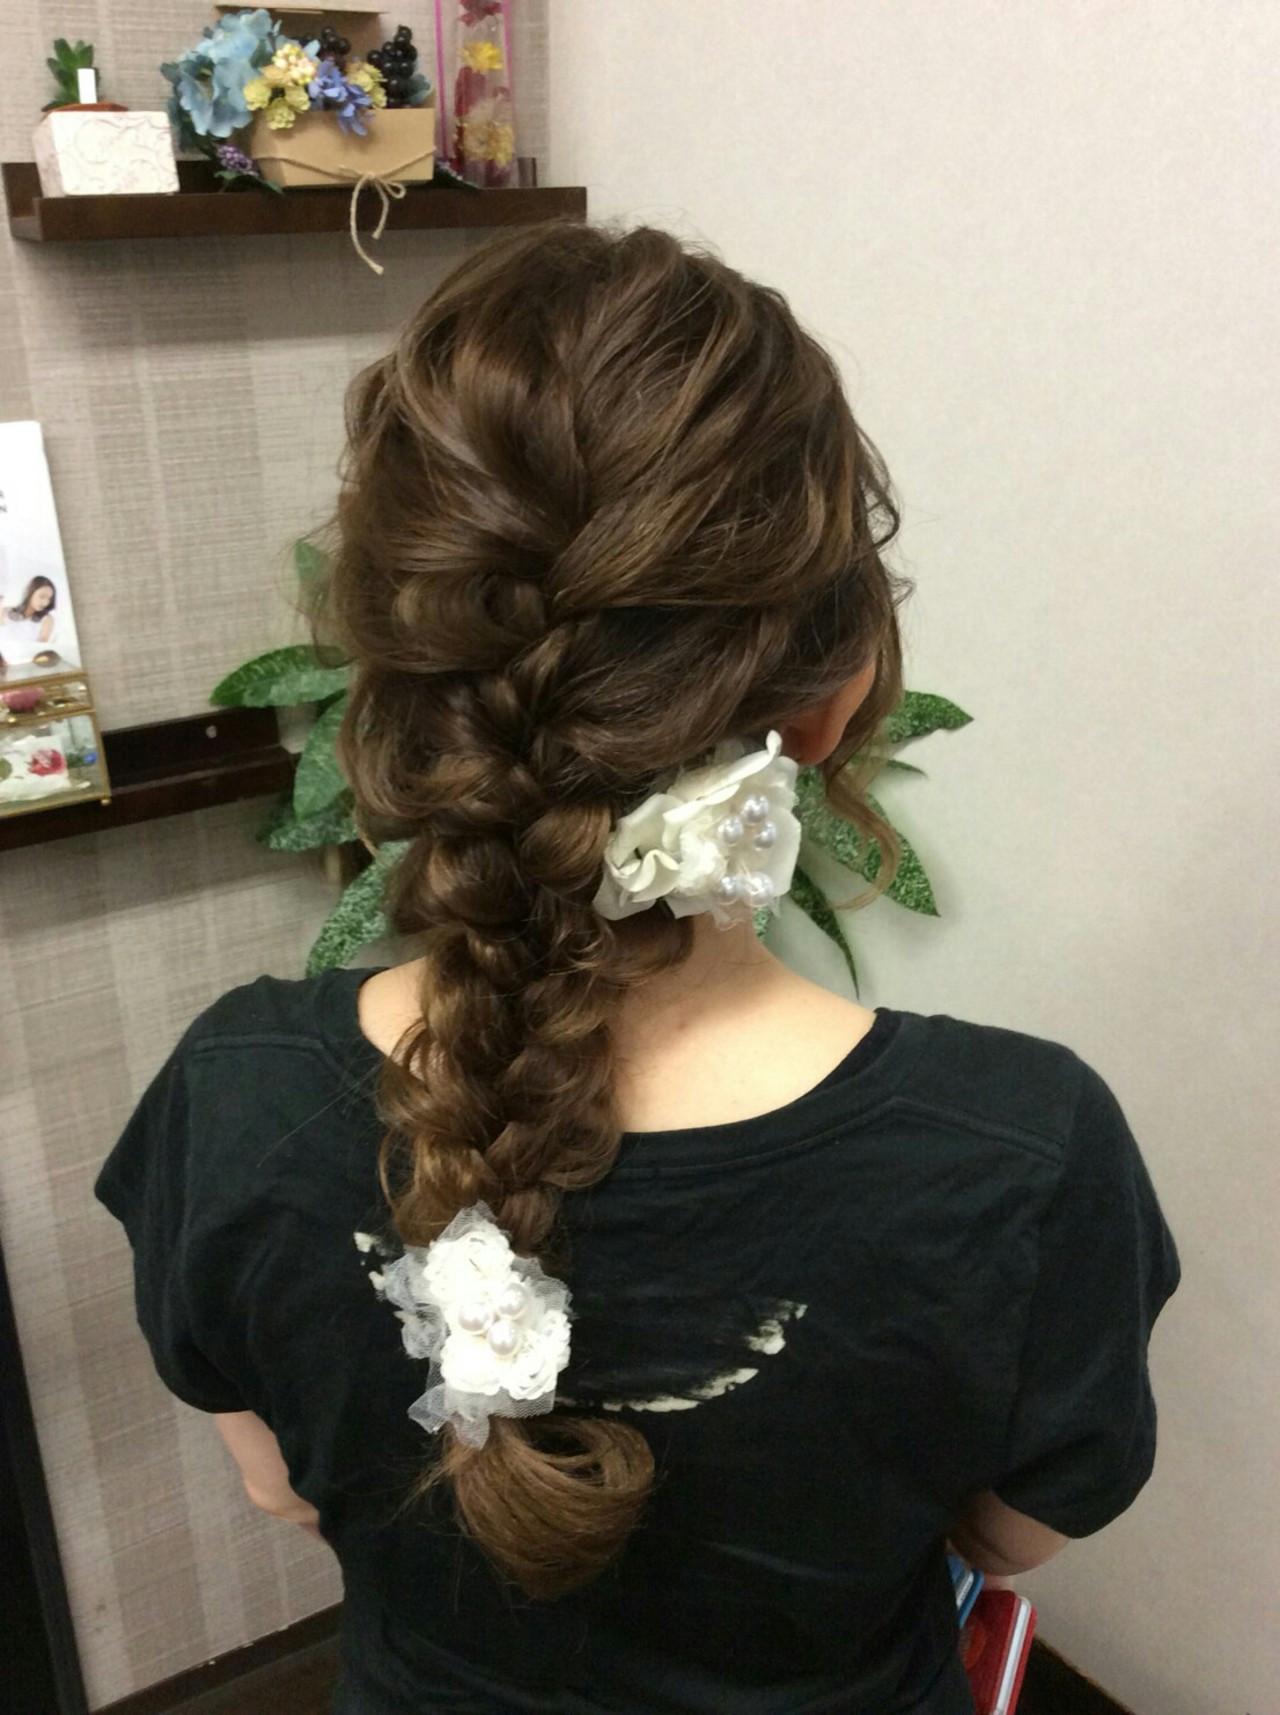 ヘアアレンジ ナチュラル 編み込み 和装 ヘアスタイルや髪型の写真・画像